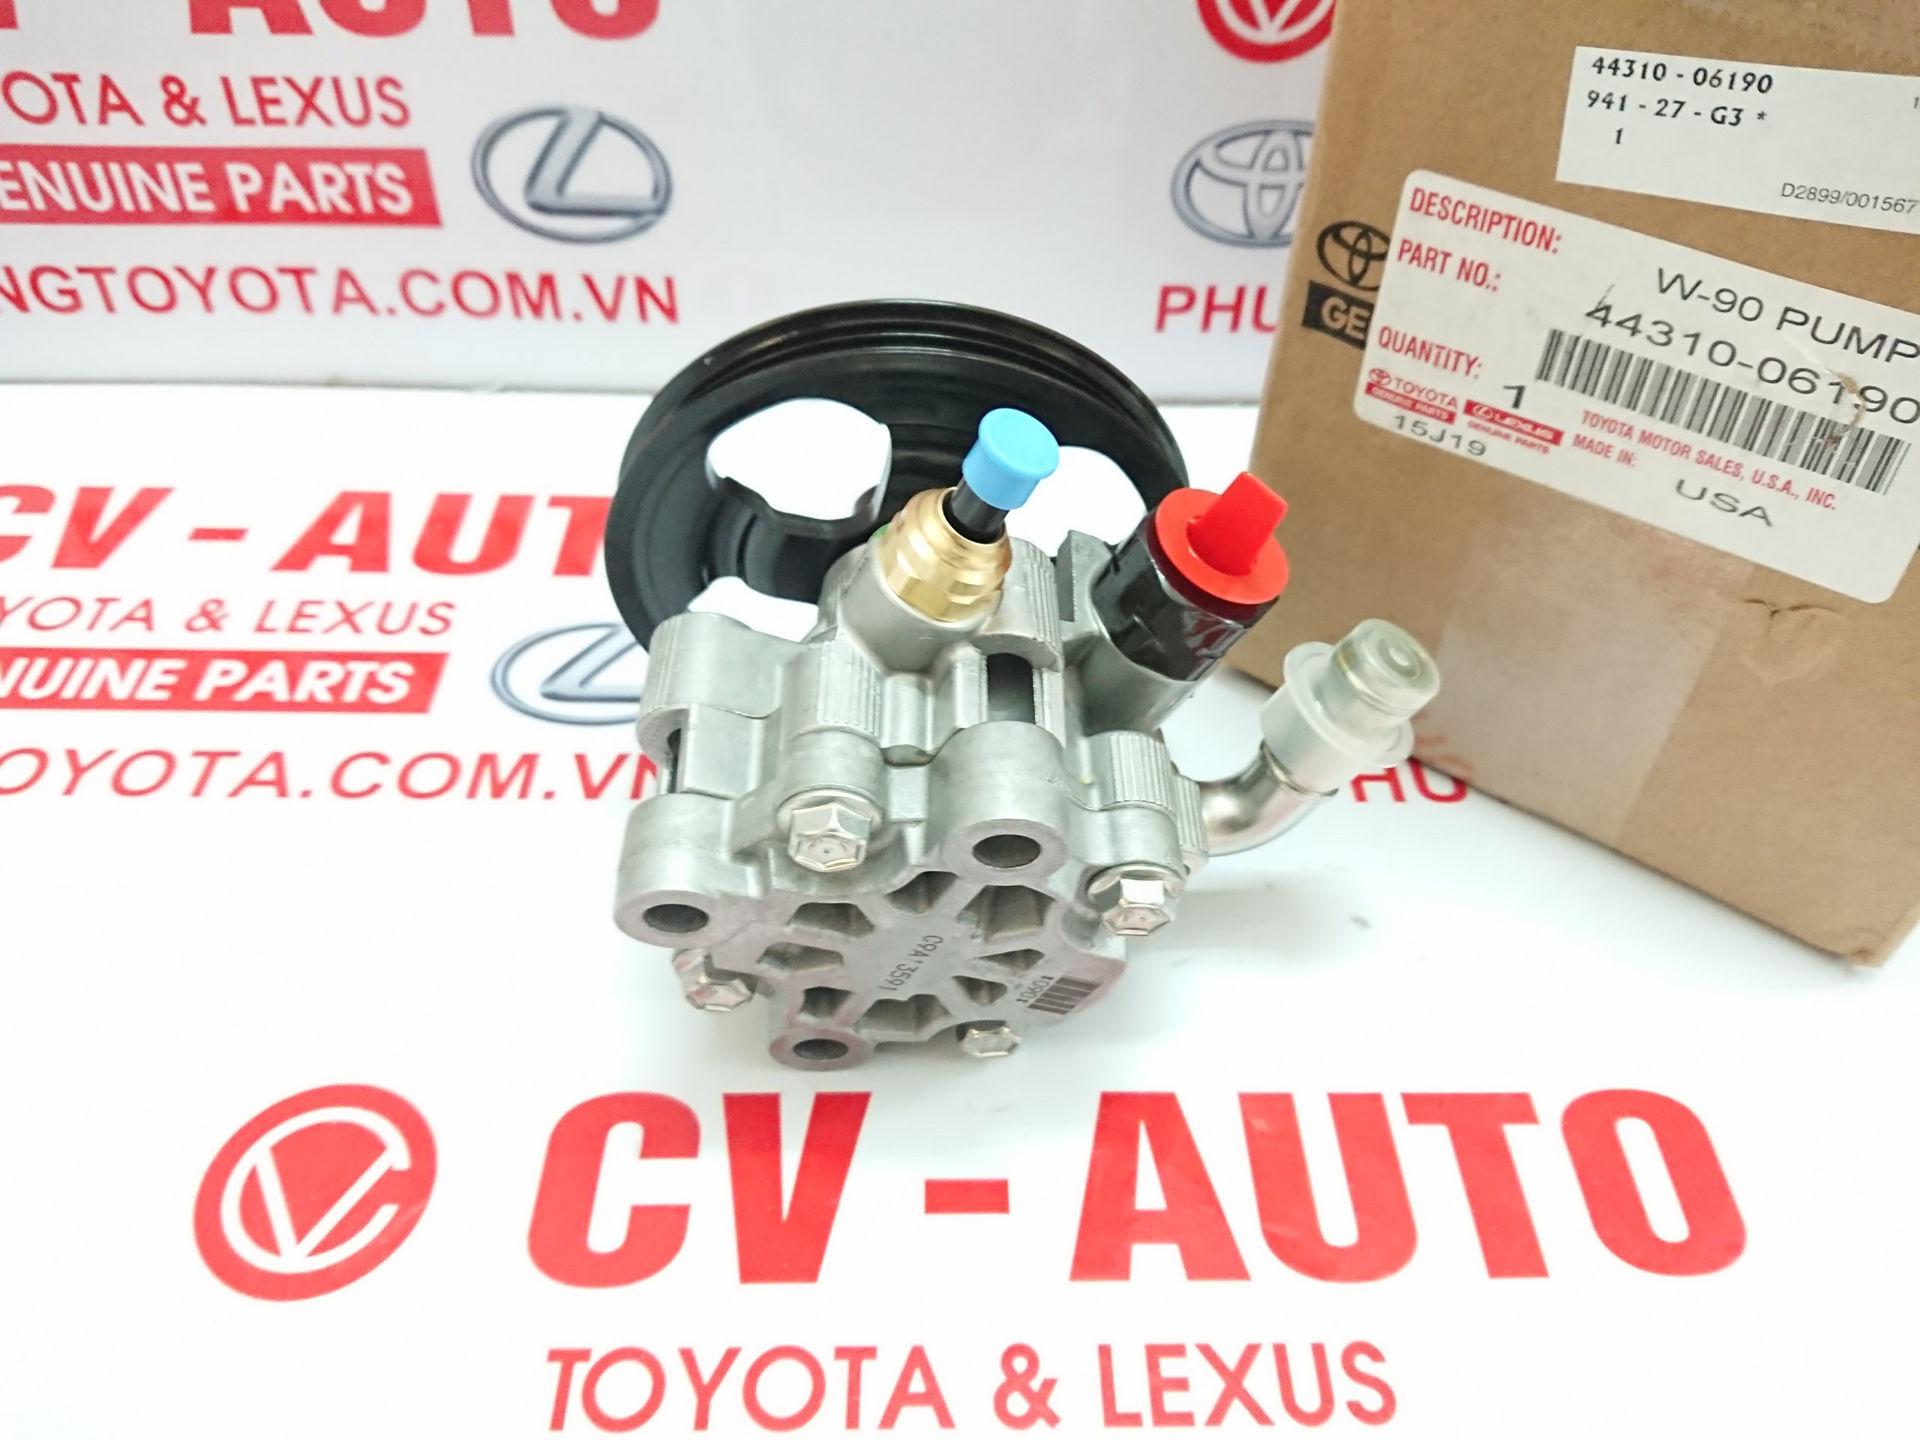 Picture of 44310-06190 Bơm trợ lực Toyota Camry Mỹ 2.5 ASV40 chính hãng